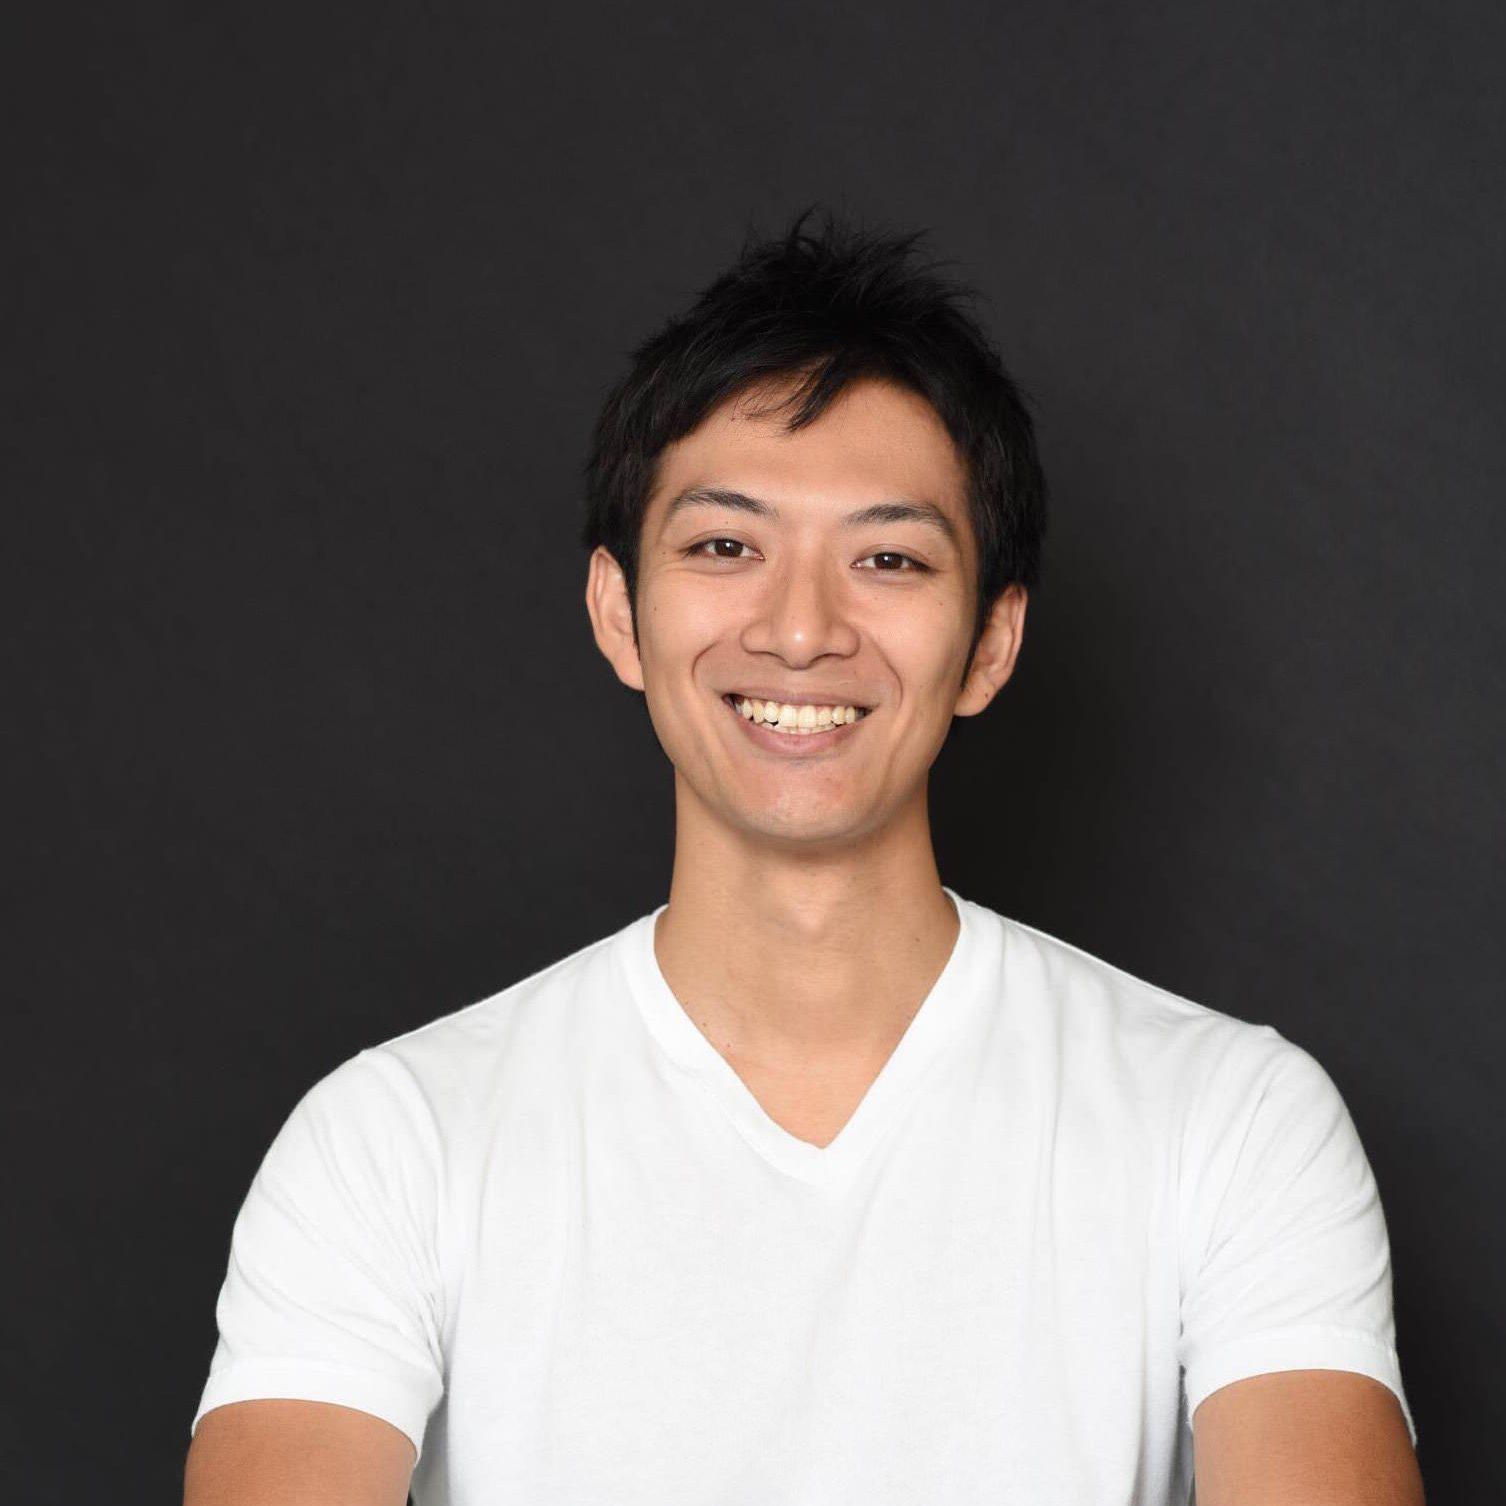 Teppei Koyama, member of KoKoRoGraphy